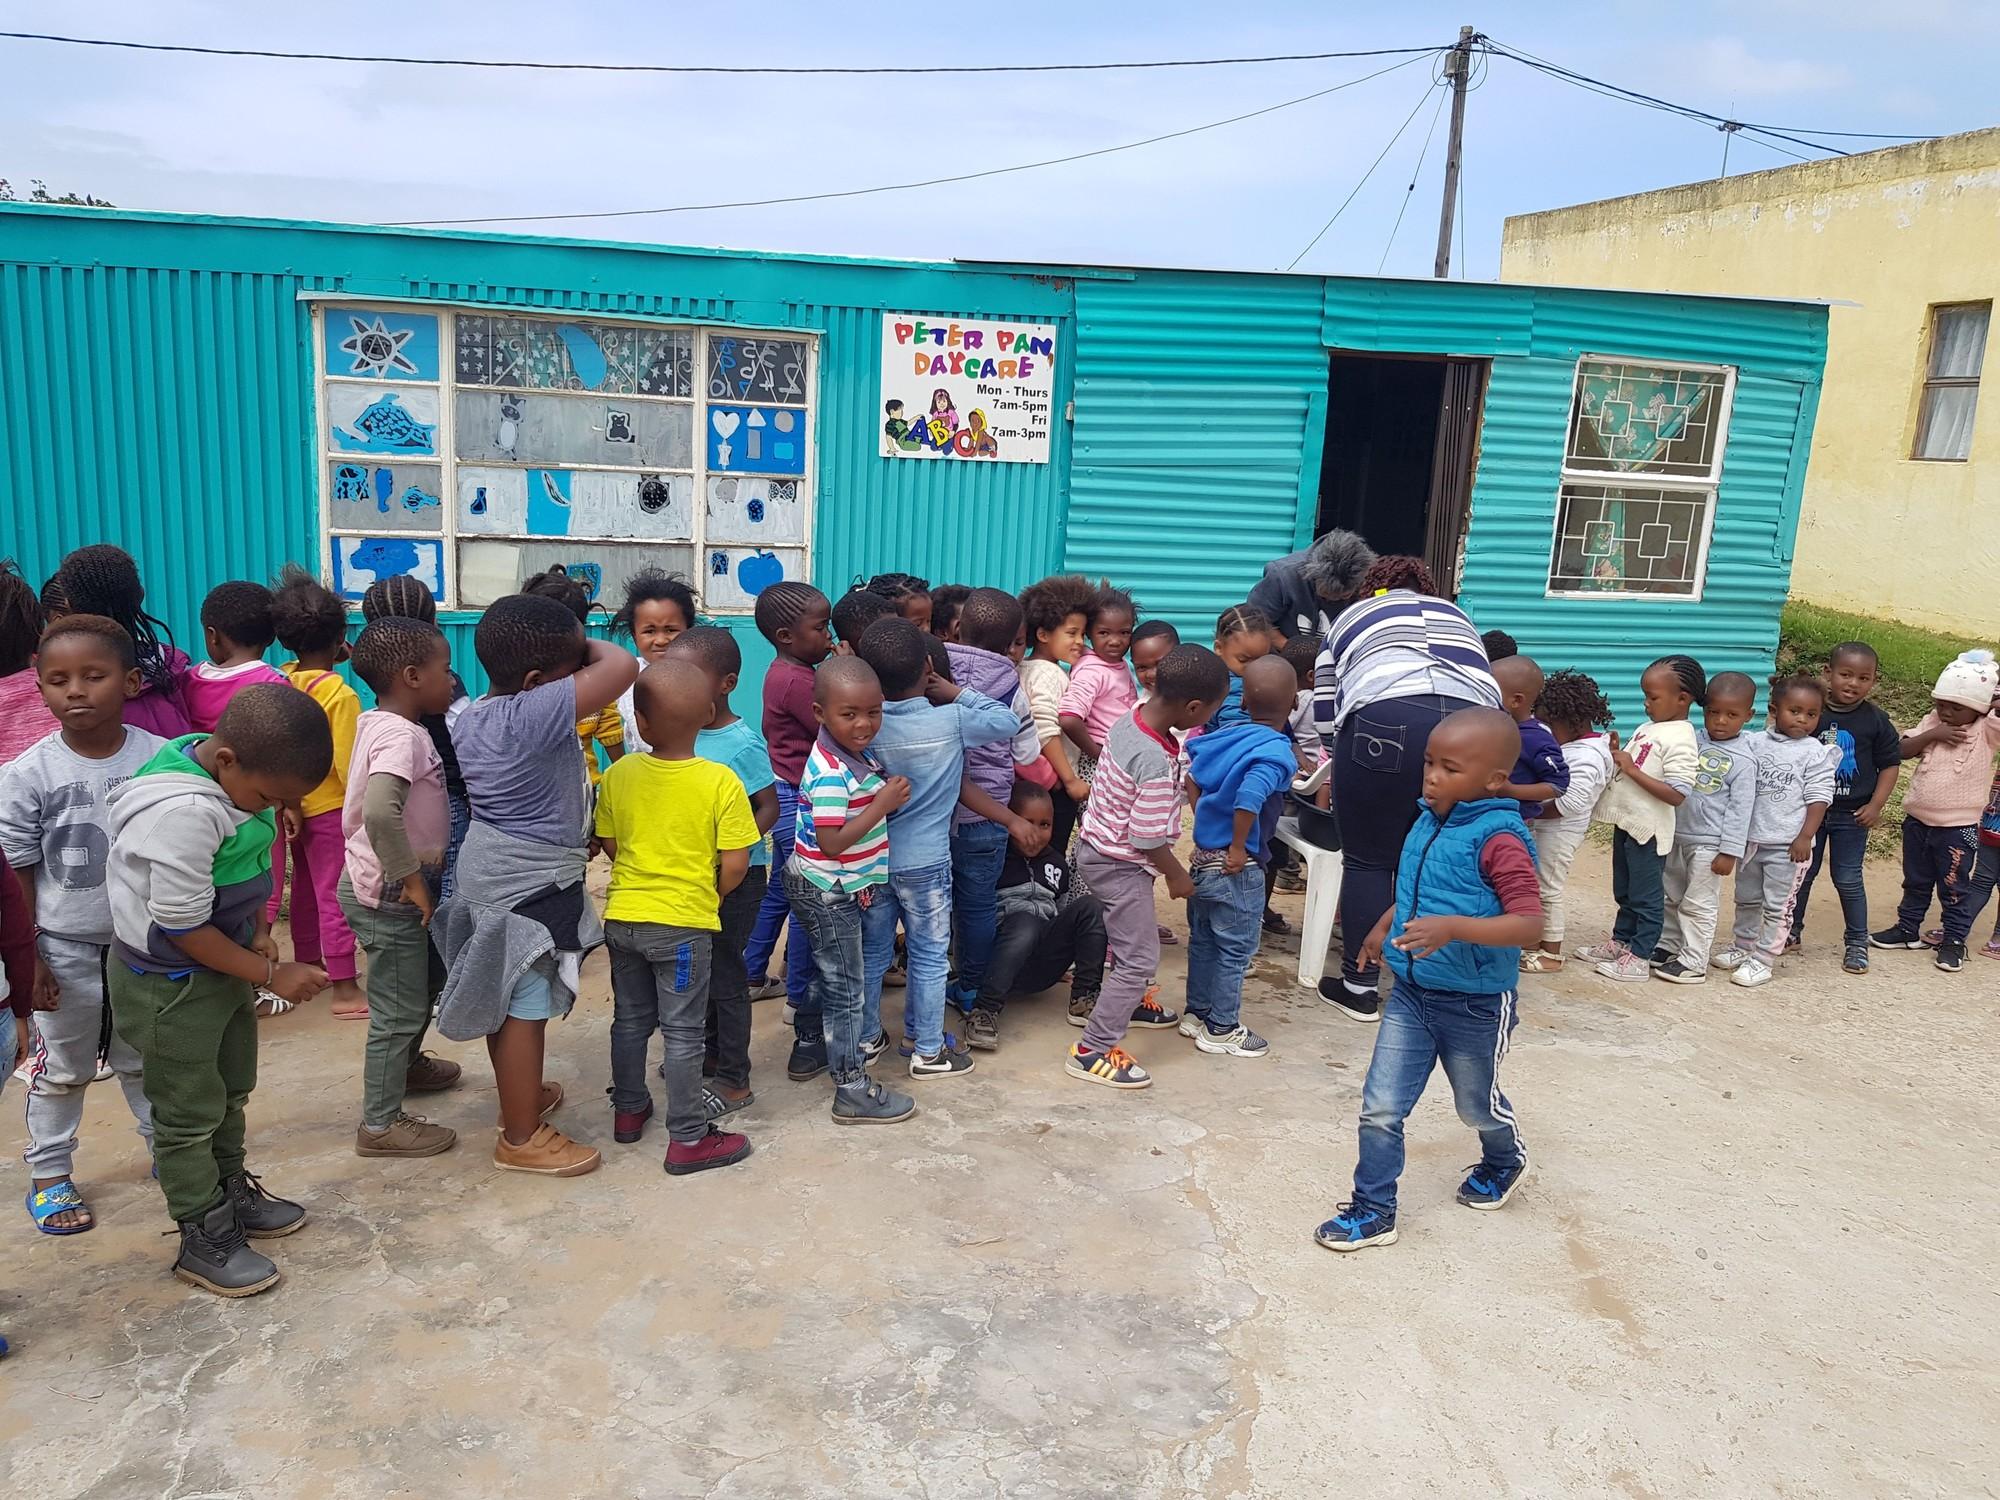 Peter Pan kinderdagopvang in sloppenwijk